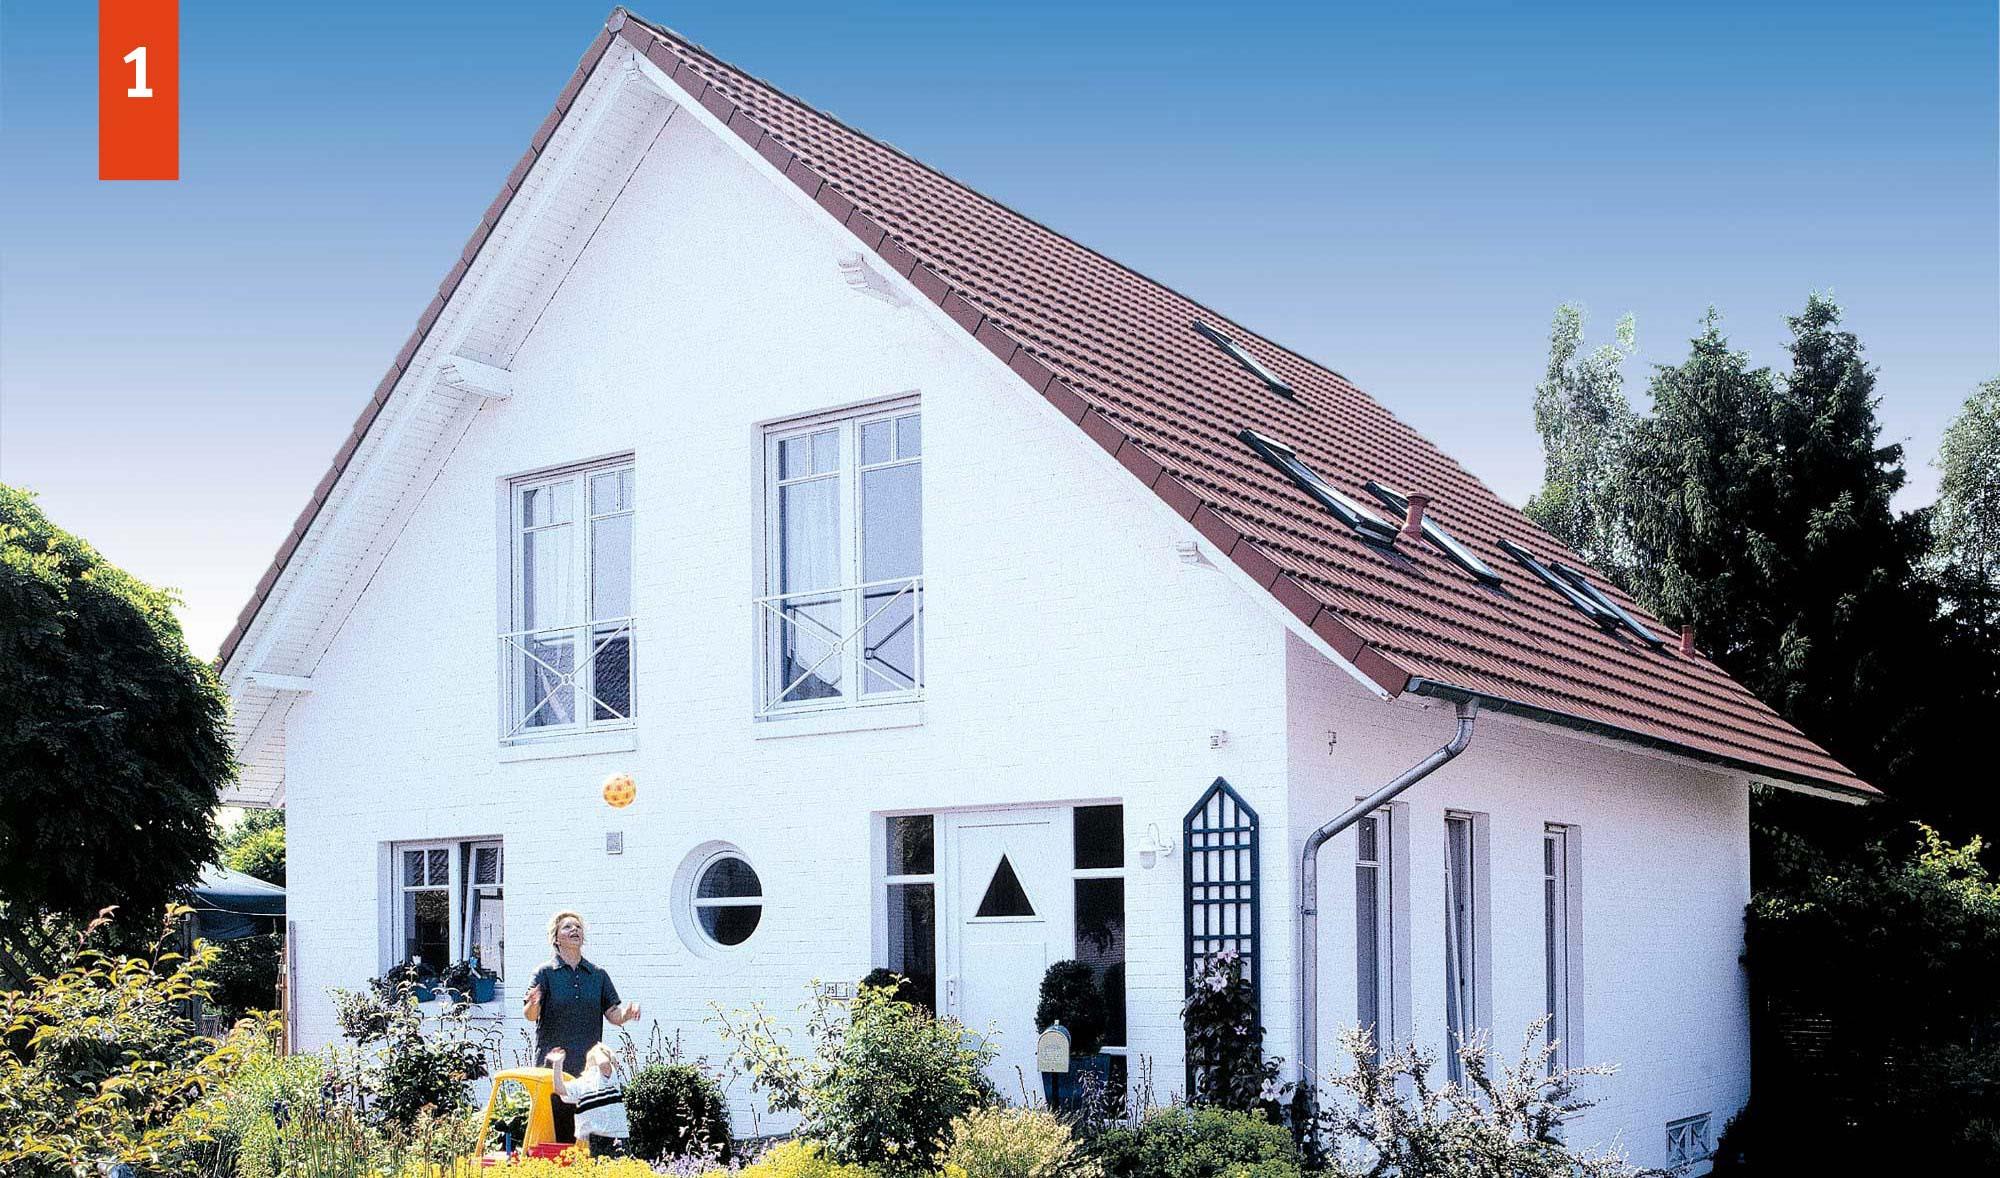 Satteldachhaus mit 150 m² Wohnfläche - massiv gebaut vom Bauunternehmen KALOBAU aus Löningen in den Regionen Osnabrück, Cloppenburg, Emsland, Meppen, Oldenburg, Ammerland.